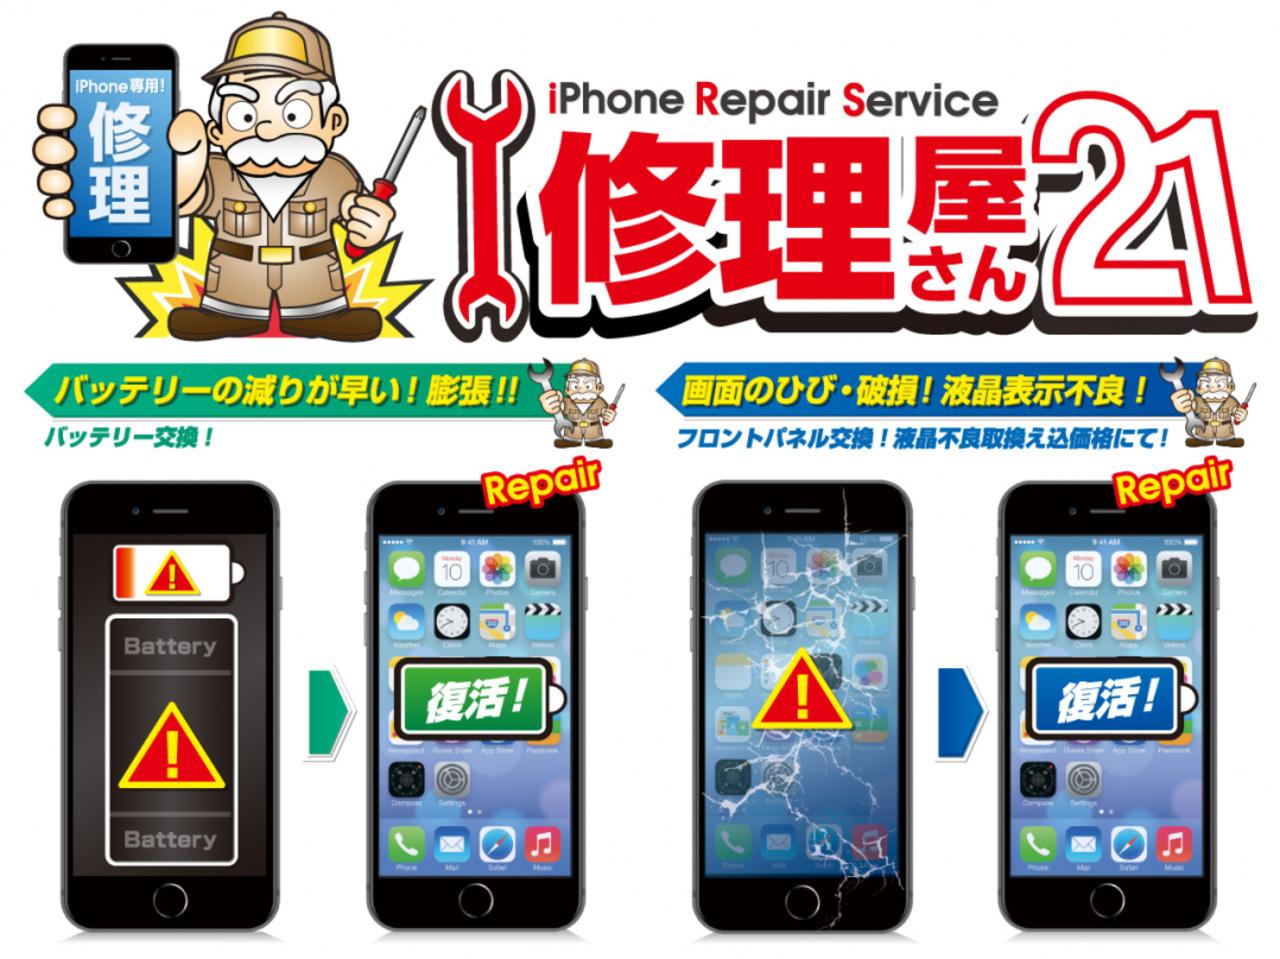 【はんこ屋さん21 相模原店】iPhone修理サービスの受付スタートしました